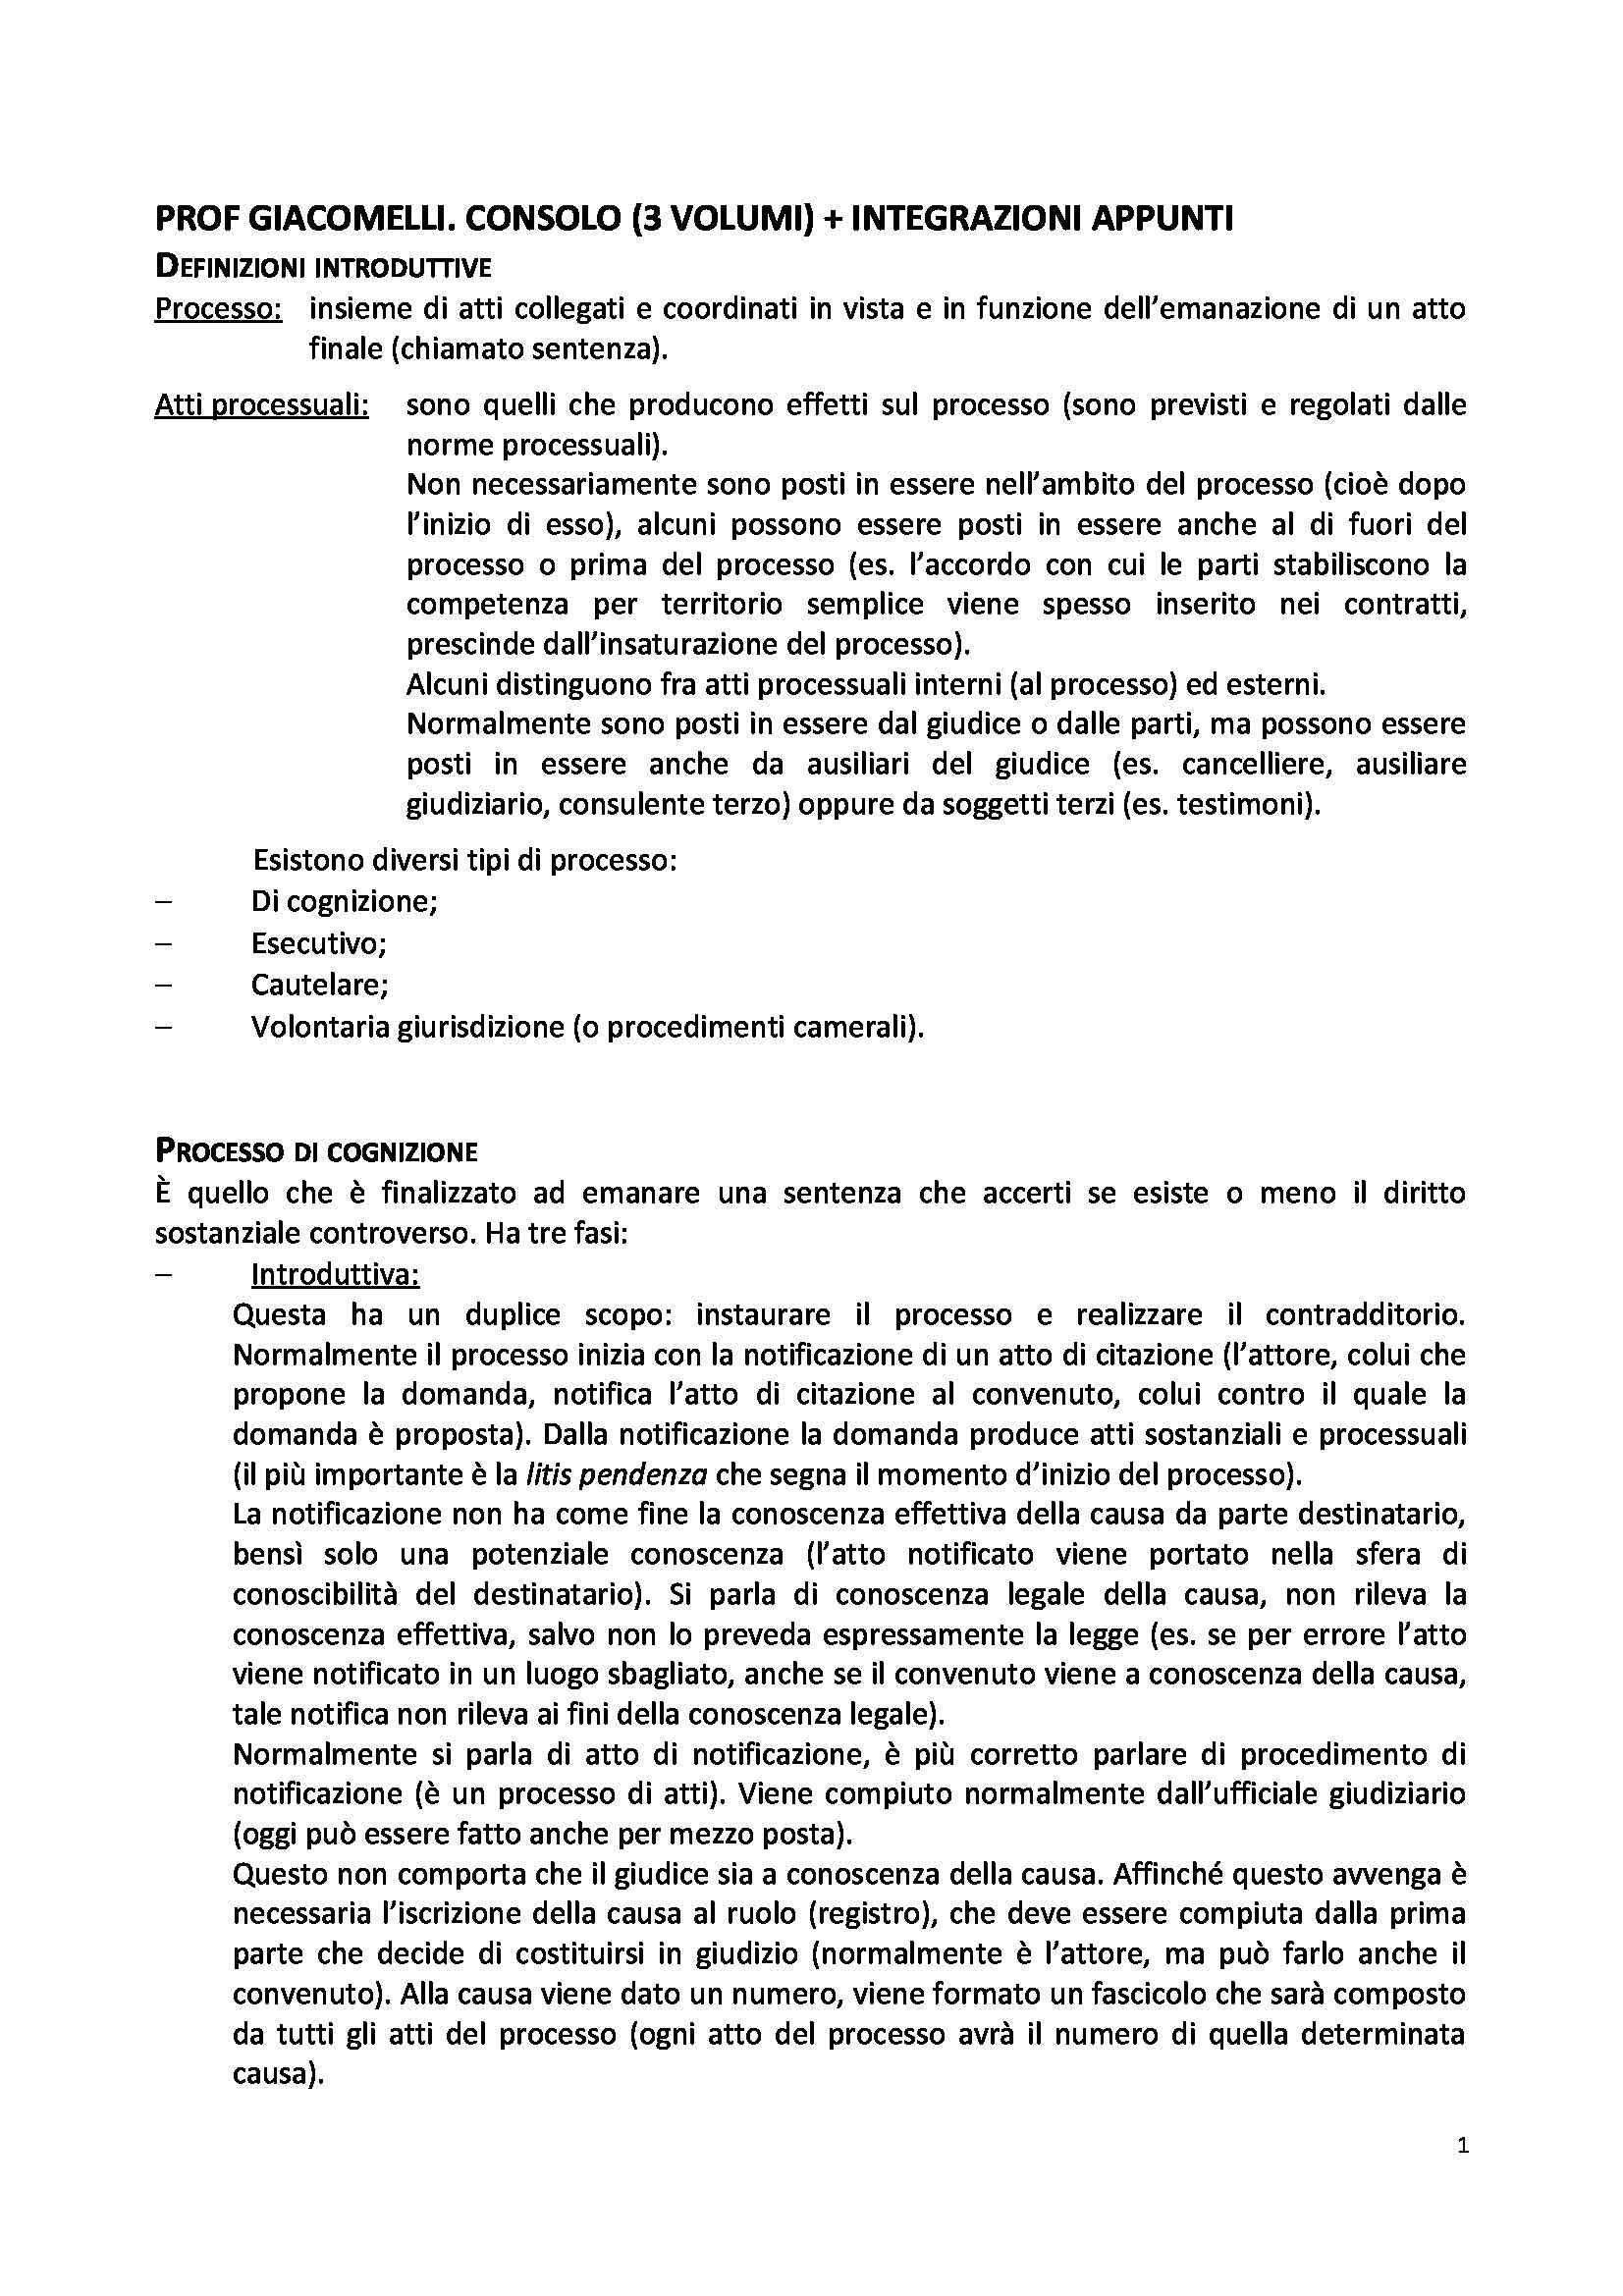 Riassunto esame Diritto Processuale Civile, prof. Giacomelli, libro consigliato Consolidazione diritto procedura civile I 2013